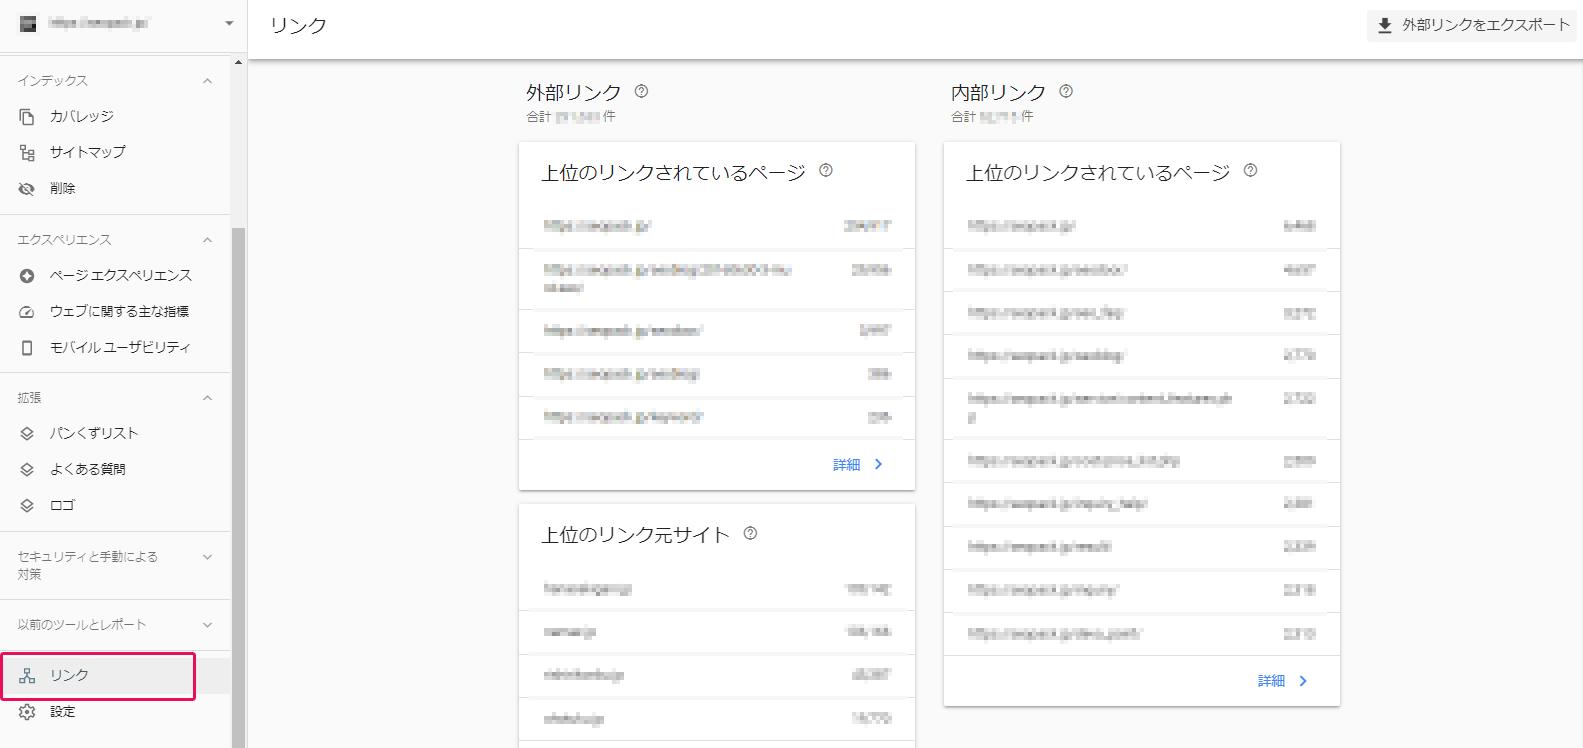 上位のリンク元サイト